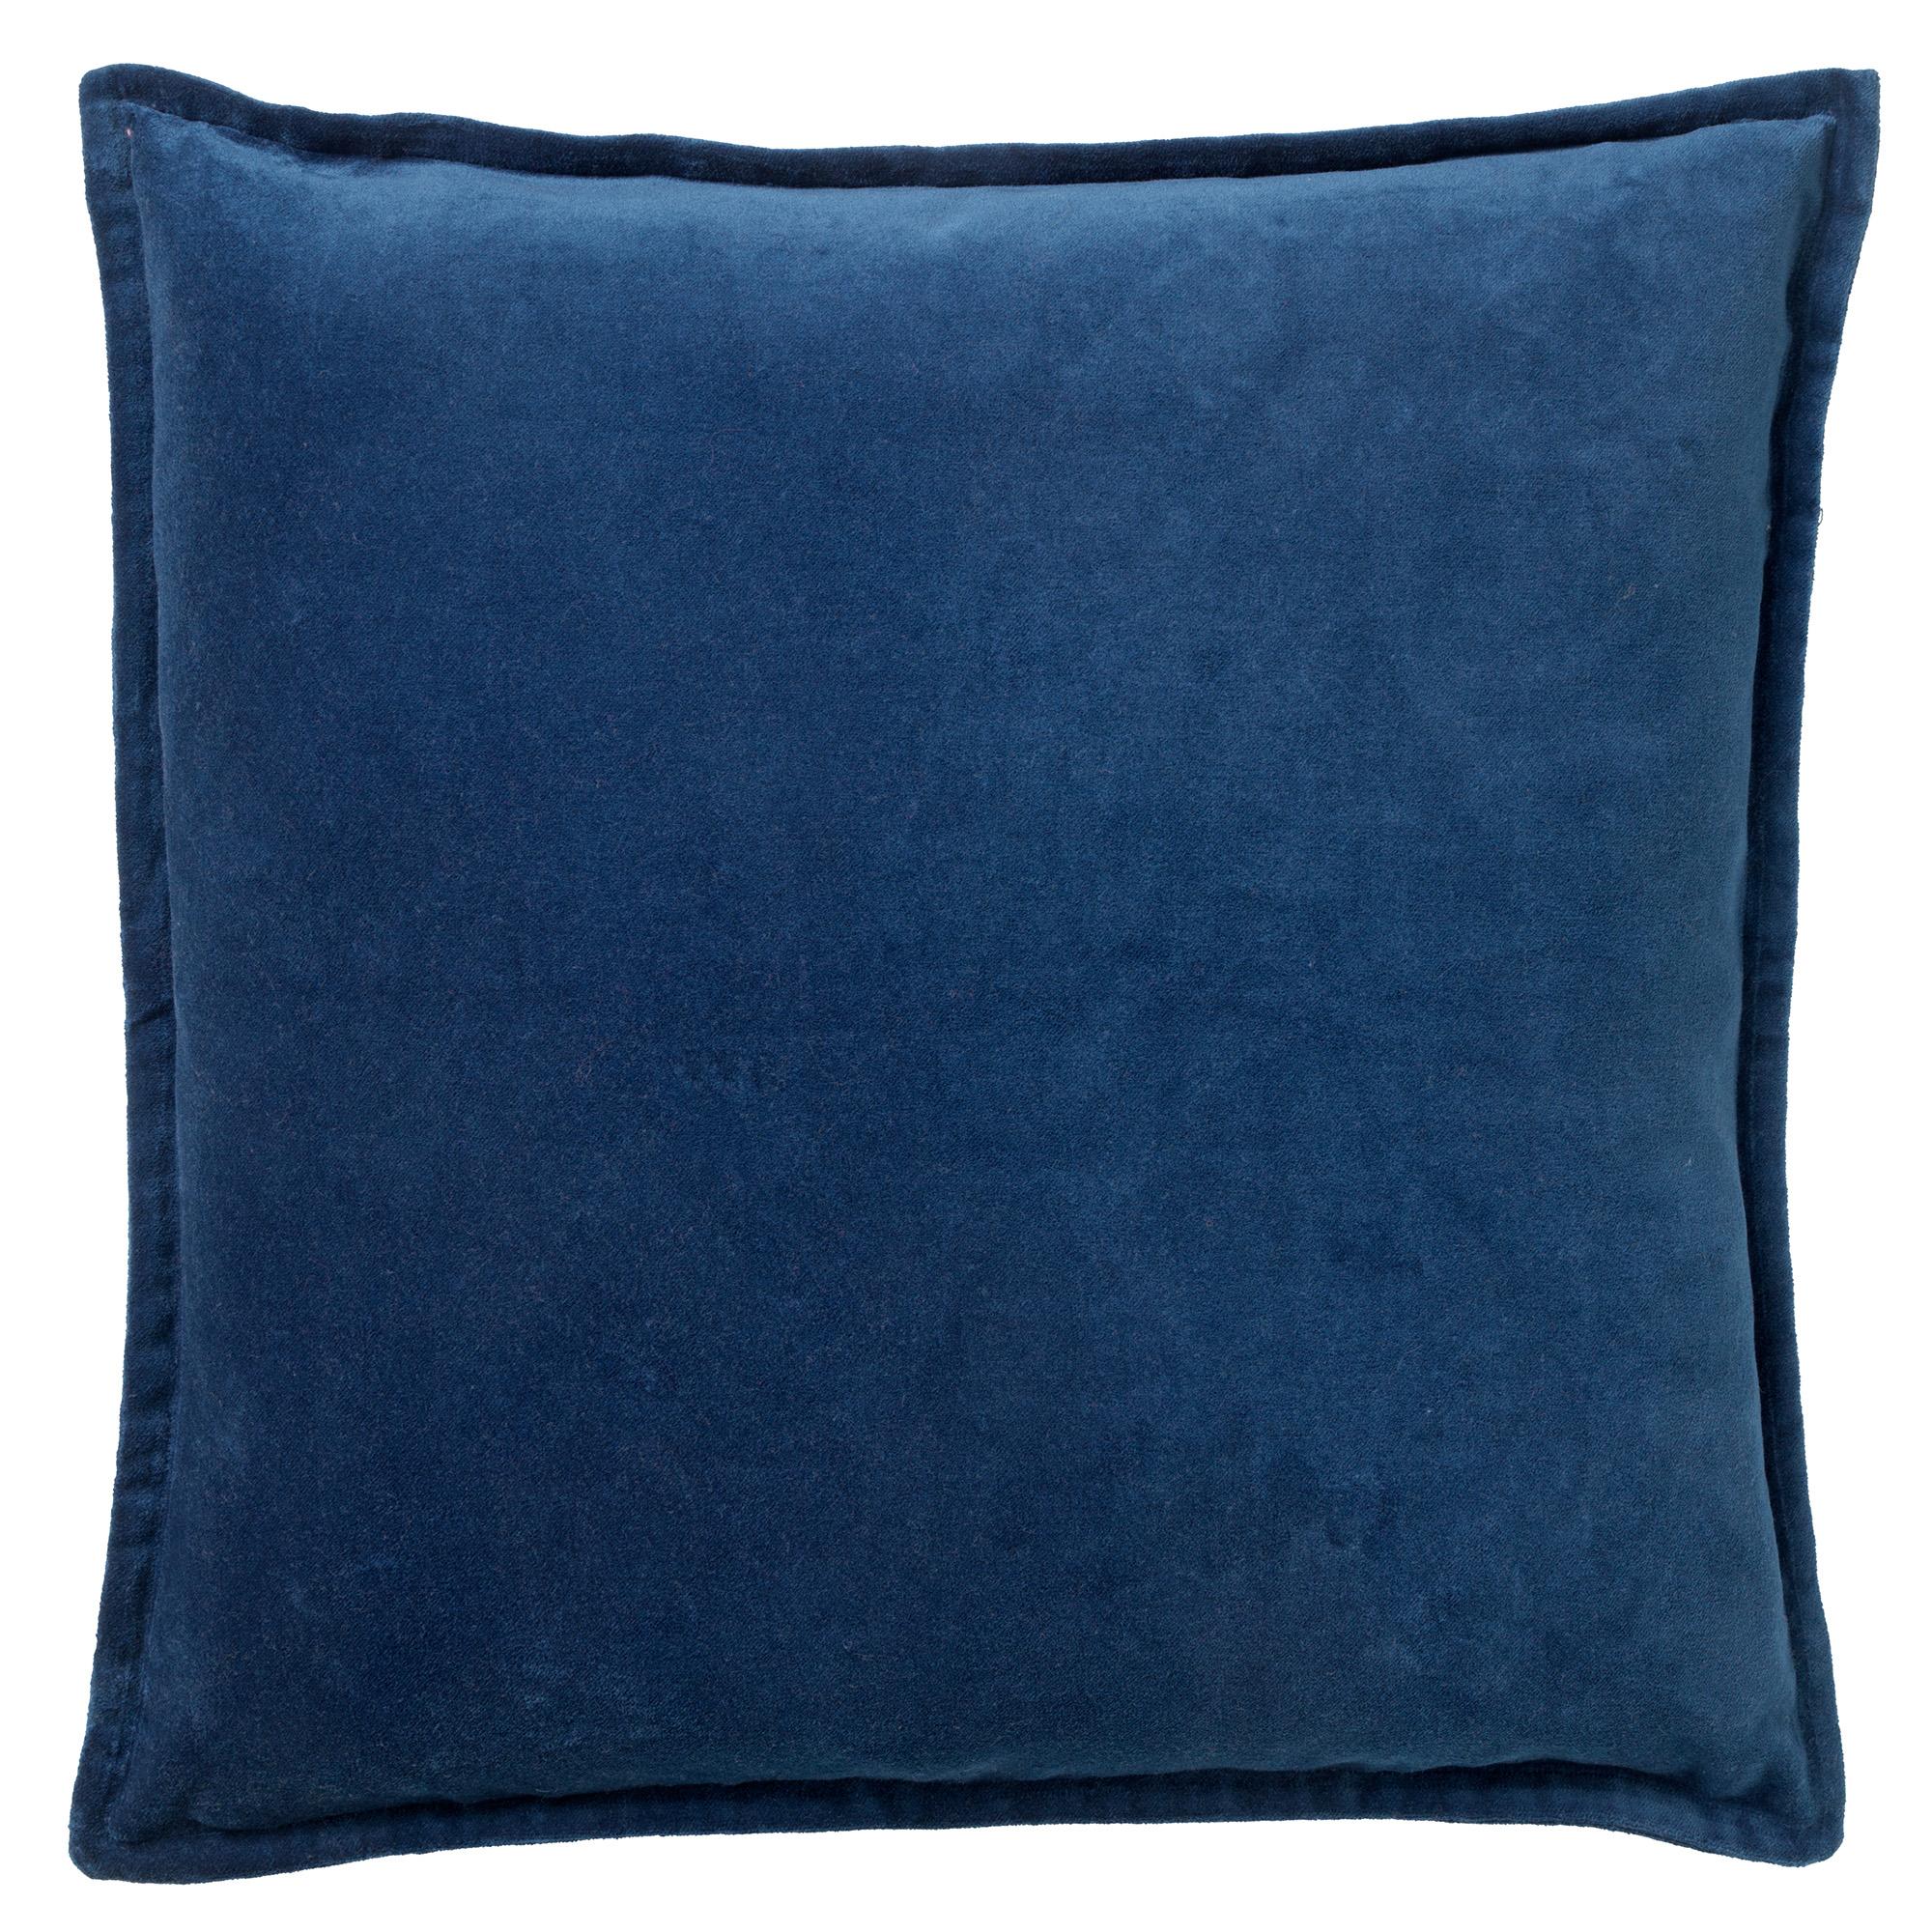 Housse de coussin en velours Bleu saphir 50x50